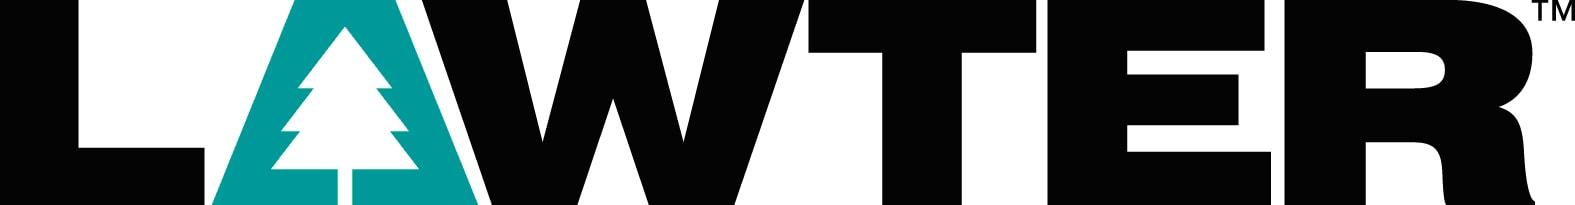 Boplan client: Lawter logo